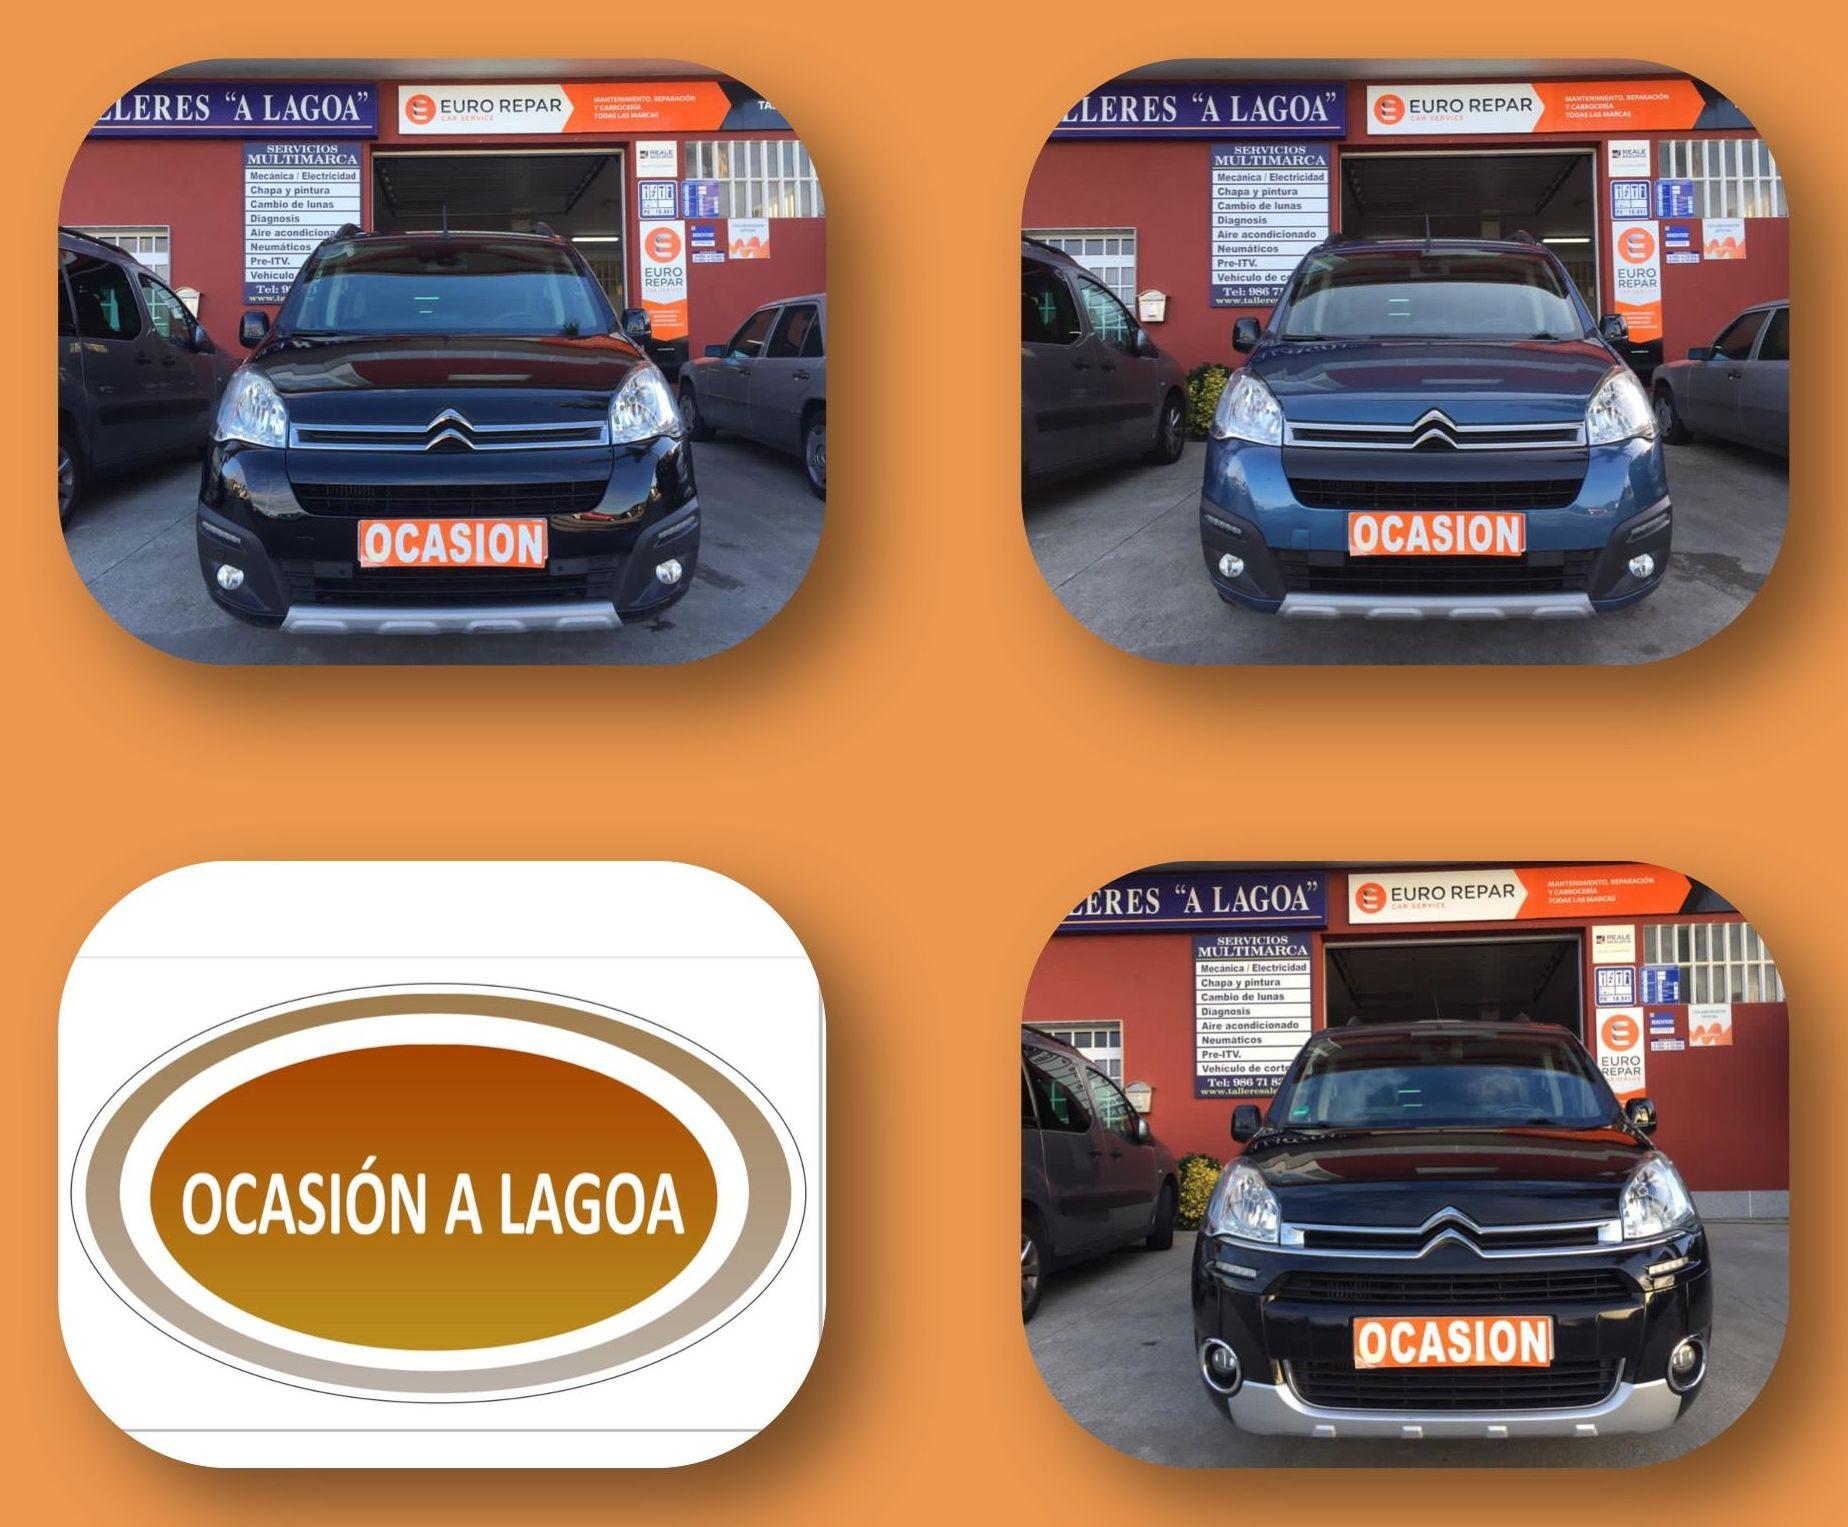 Foto 5 de Compraventa de coches en Ribadumia | Ocasión A Lagoa